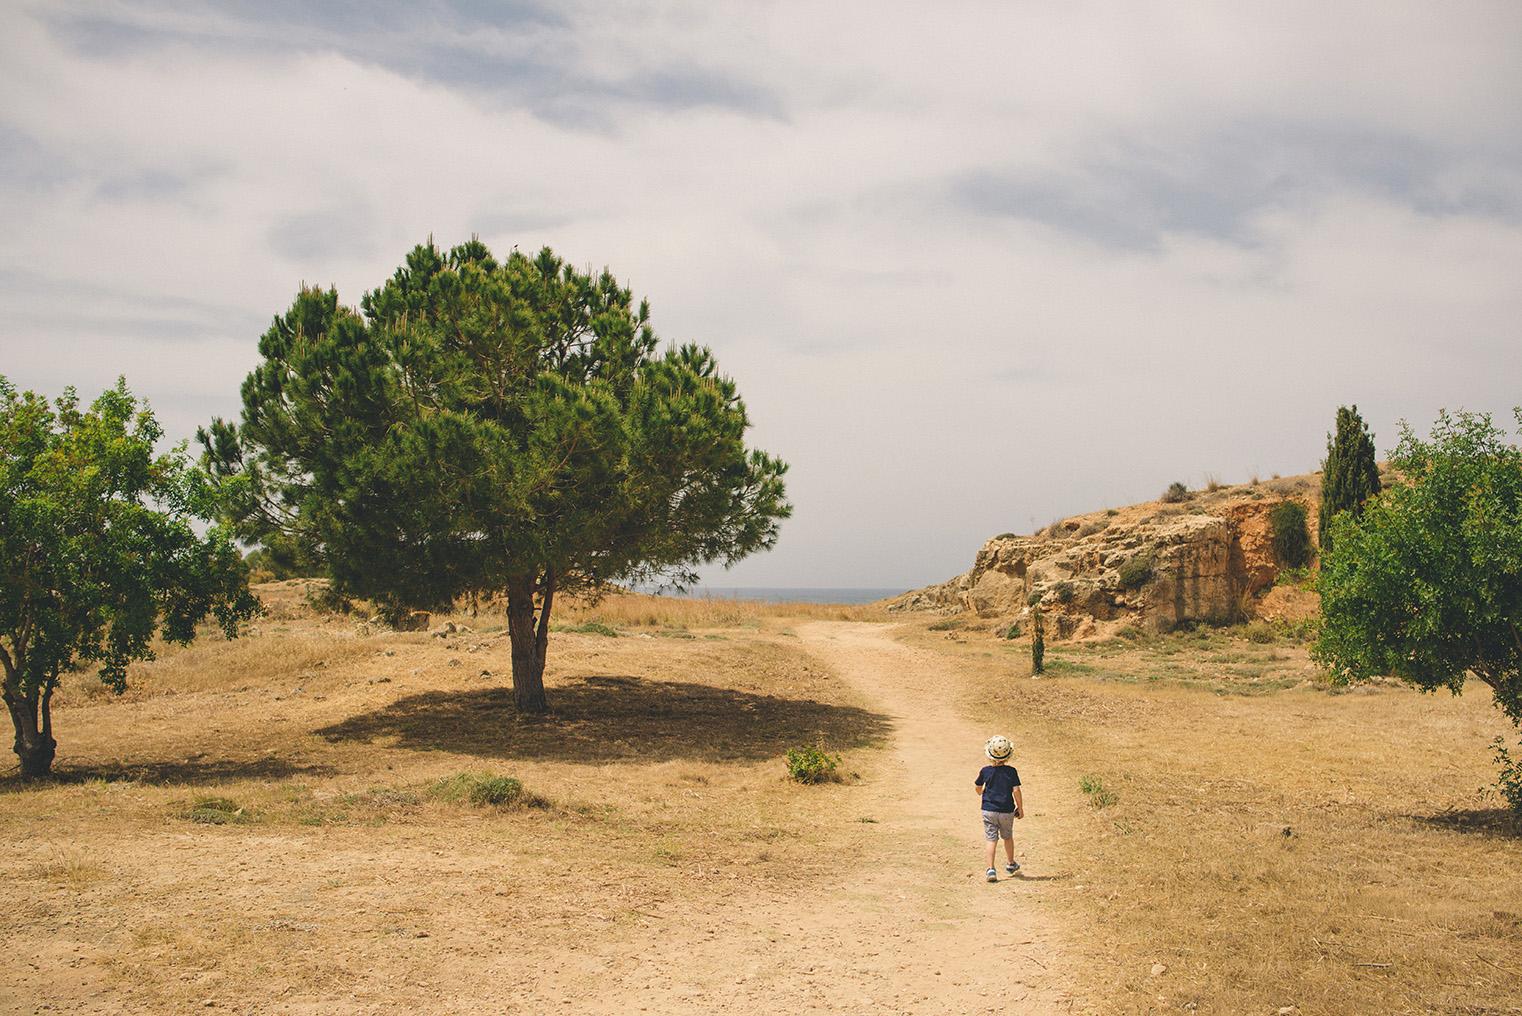 02.Majowka na Cyprze - podroz z dzieckiem